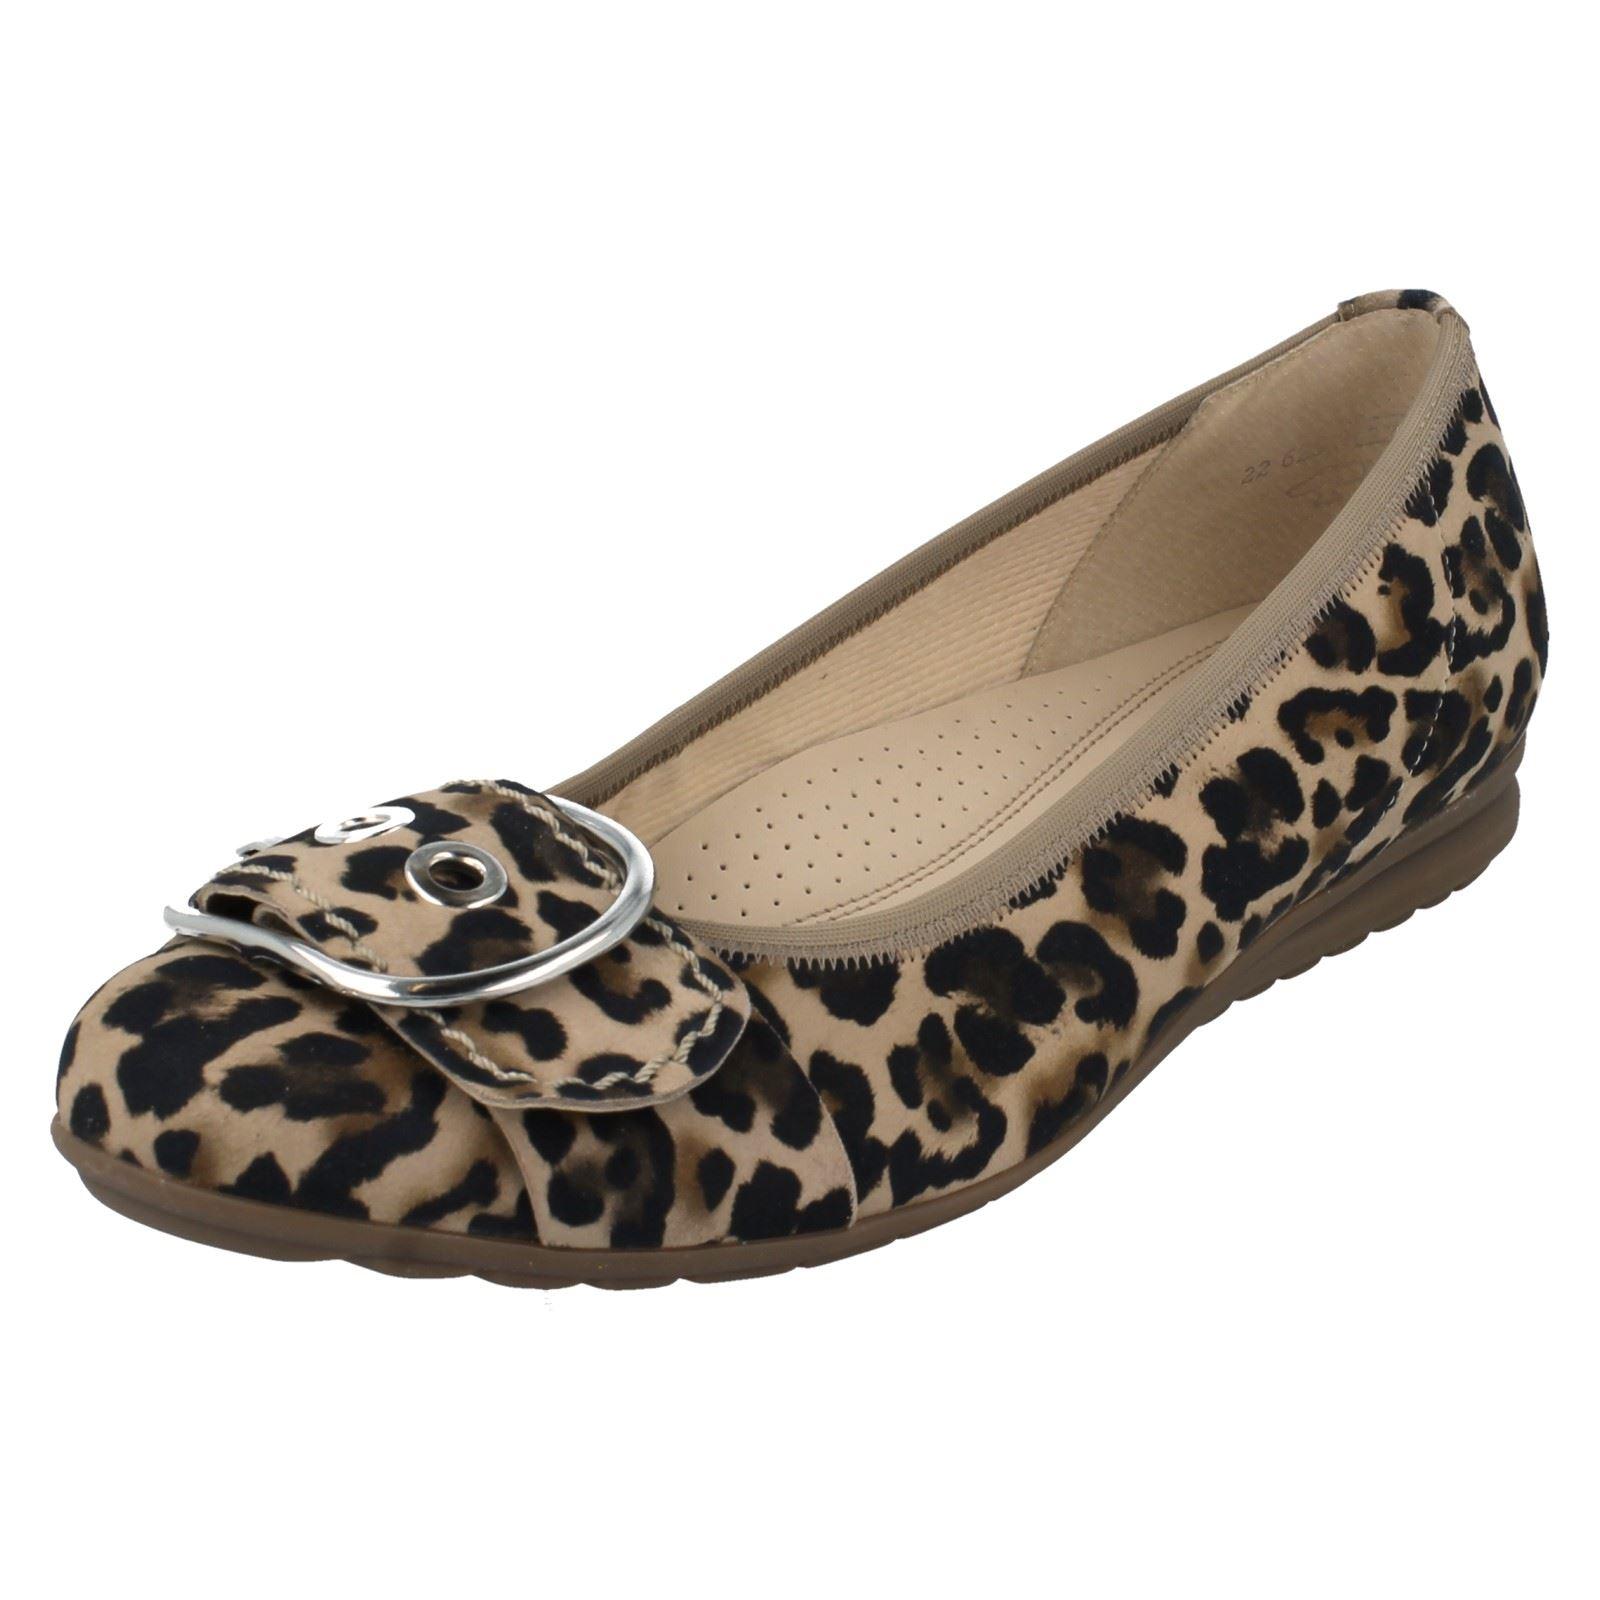 22625 FEMMES GABOR BALLERINES Chaussures plates, ballerines